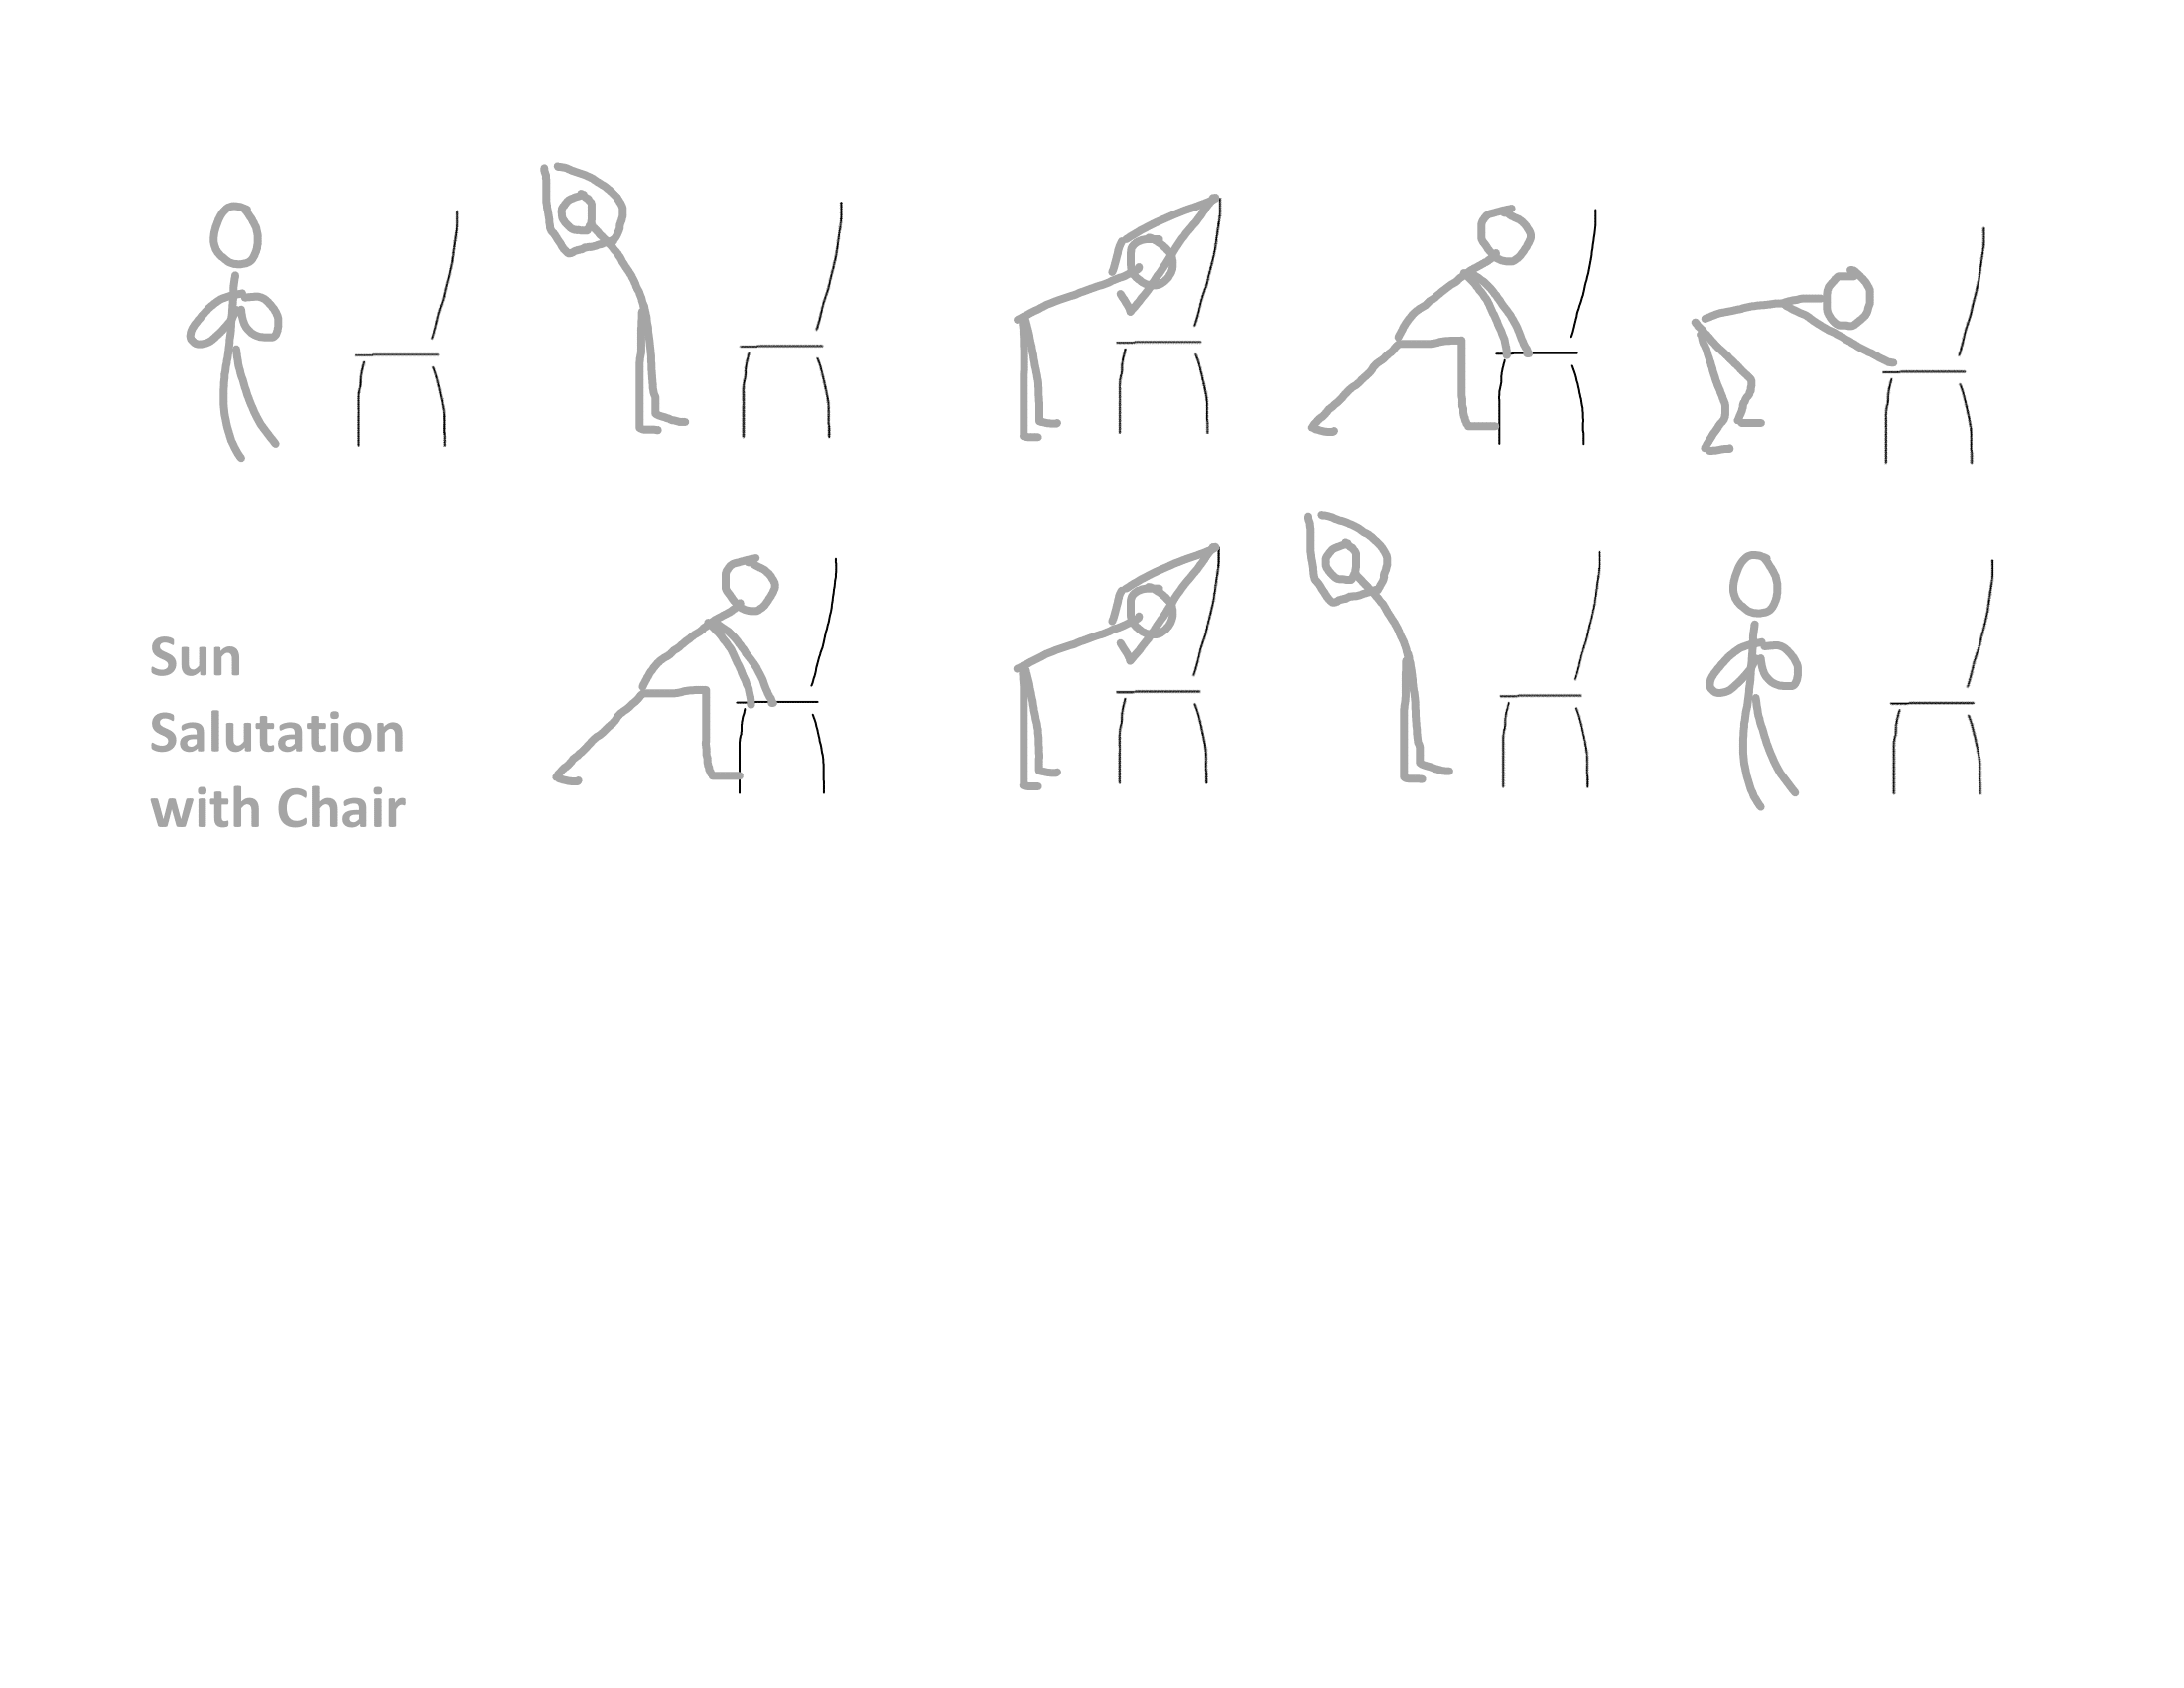 Sun Salutation With A Chair